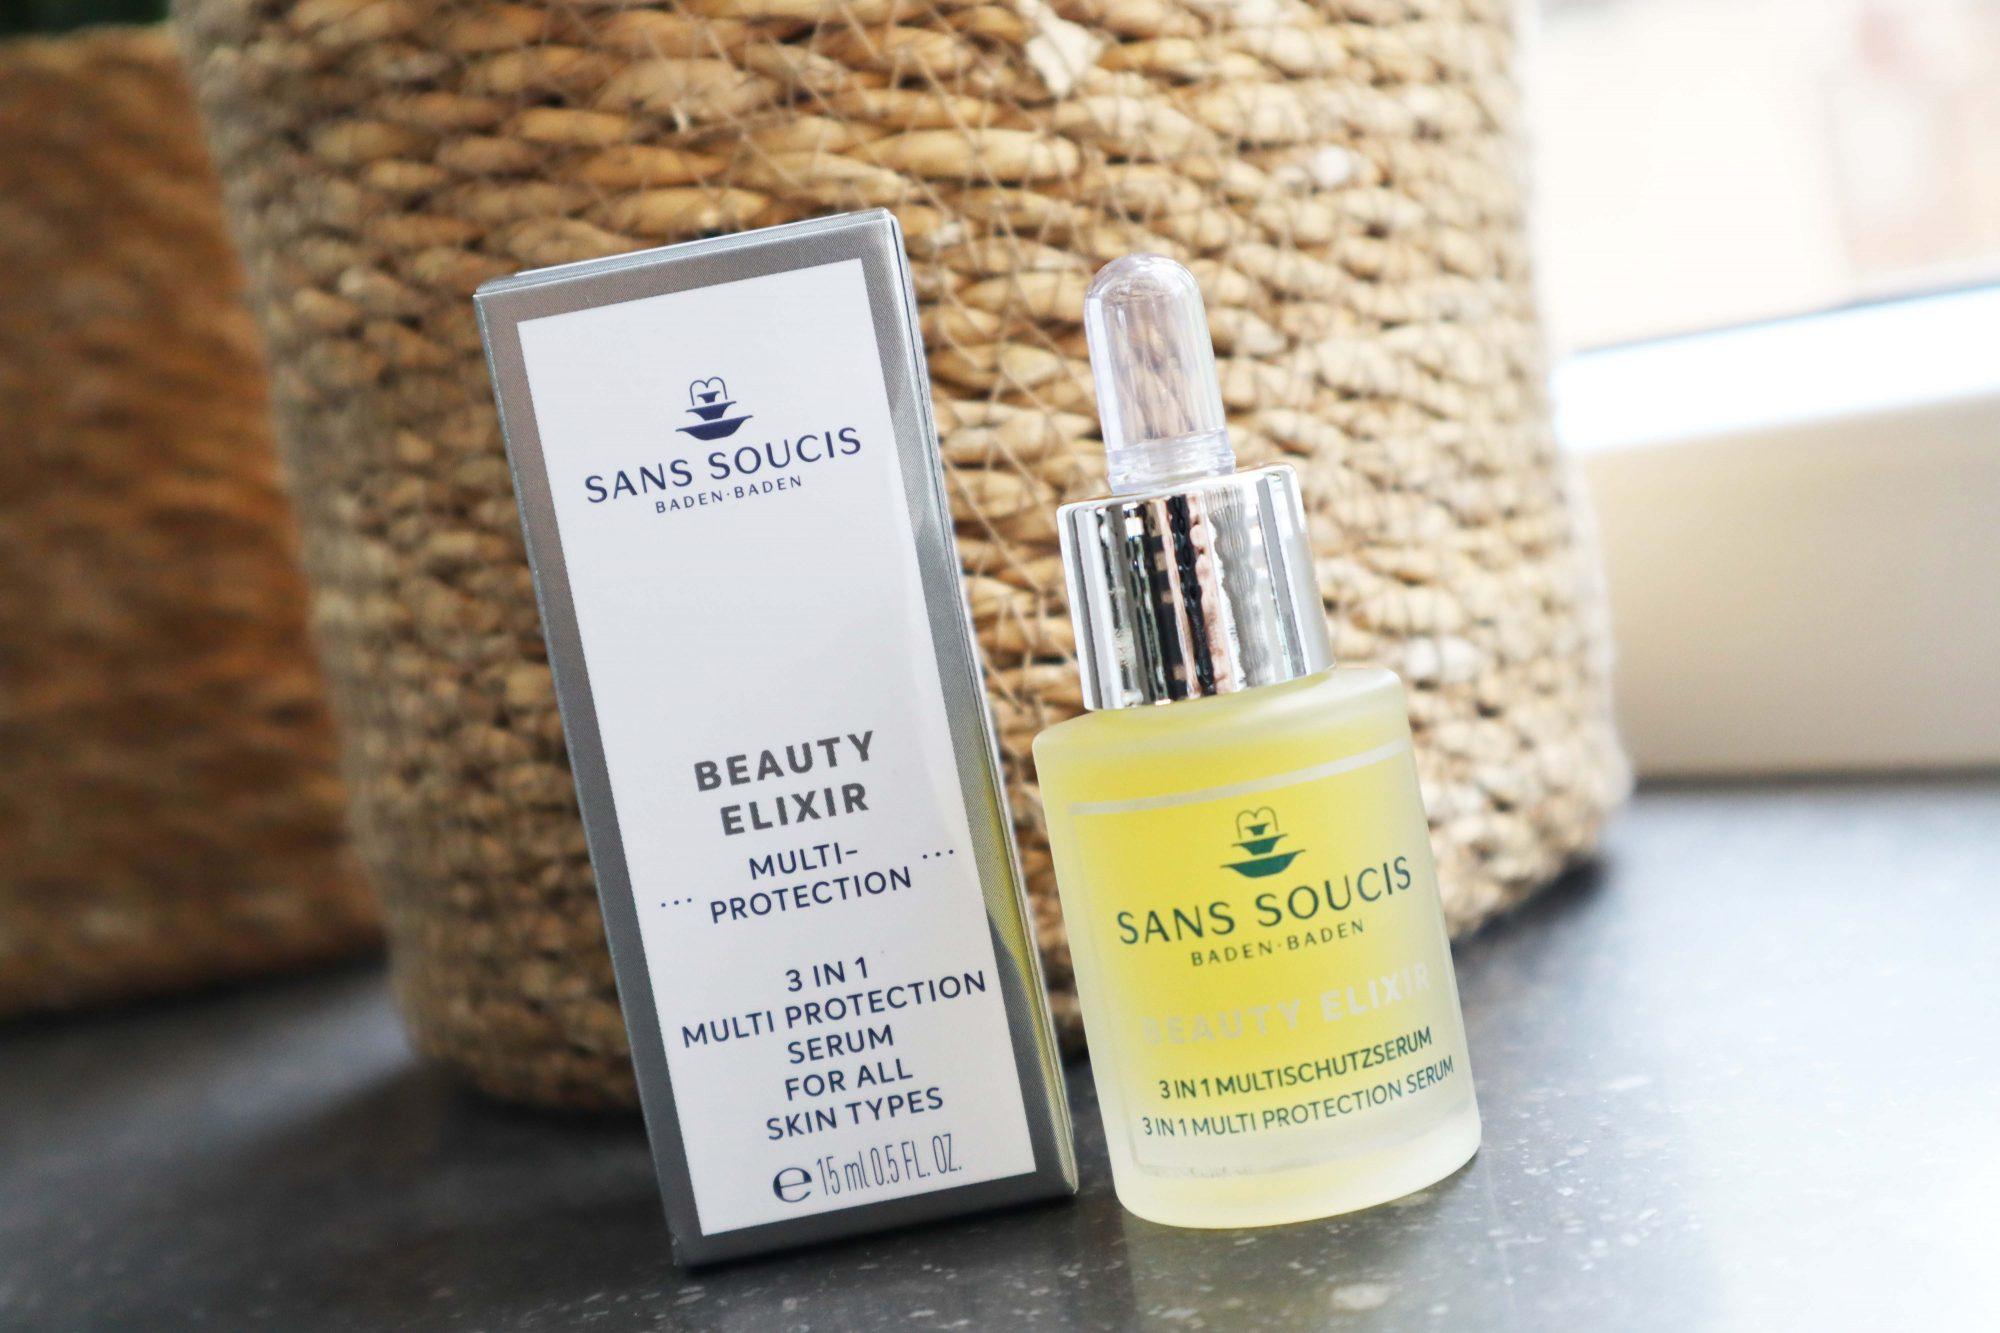 Sans Soucis Beauty Elixirs